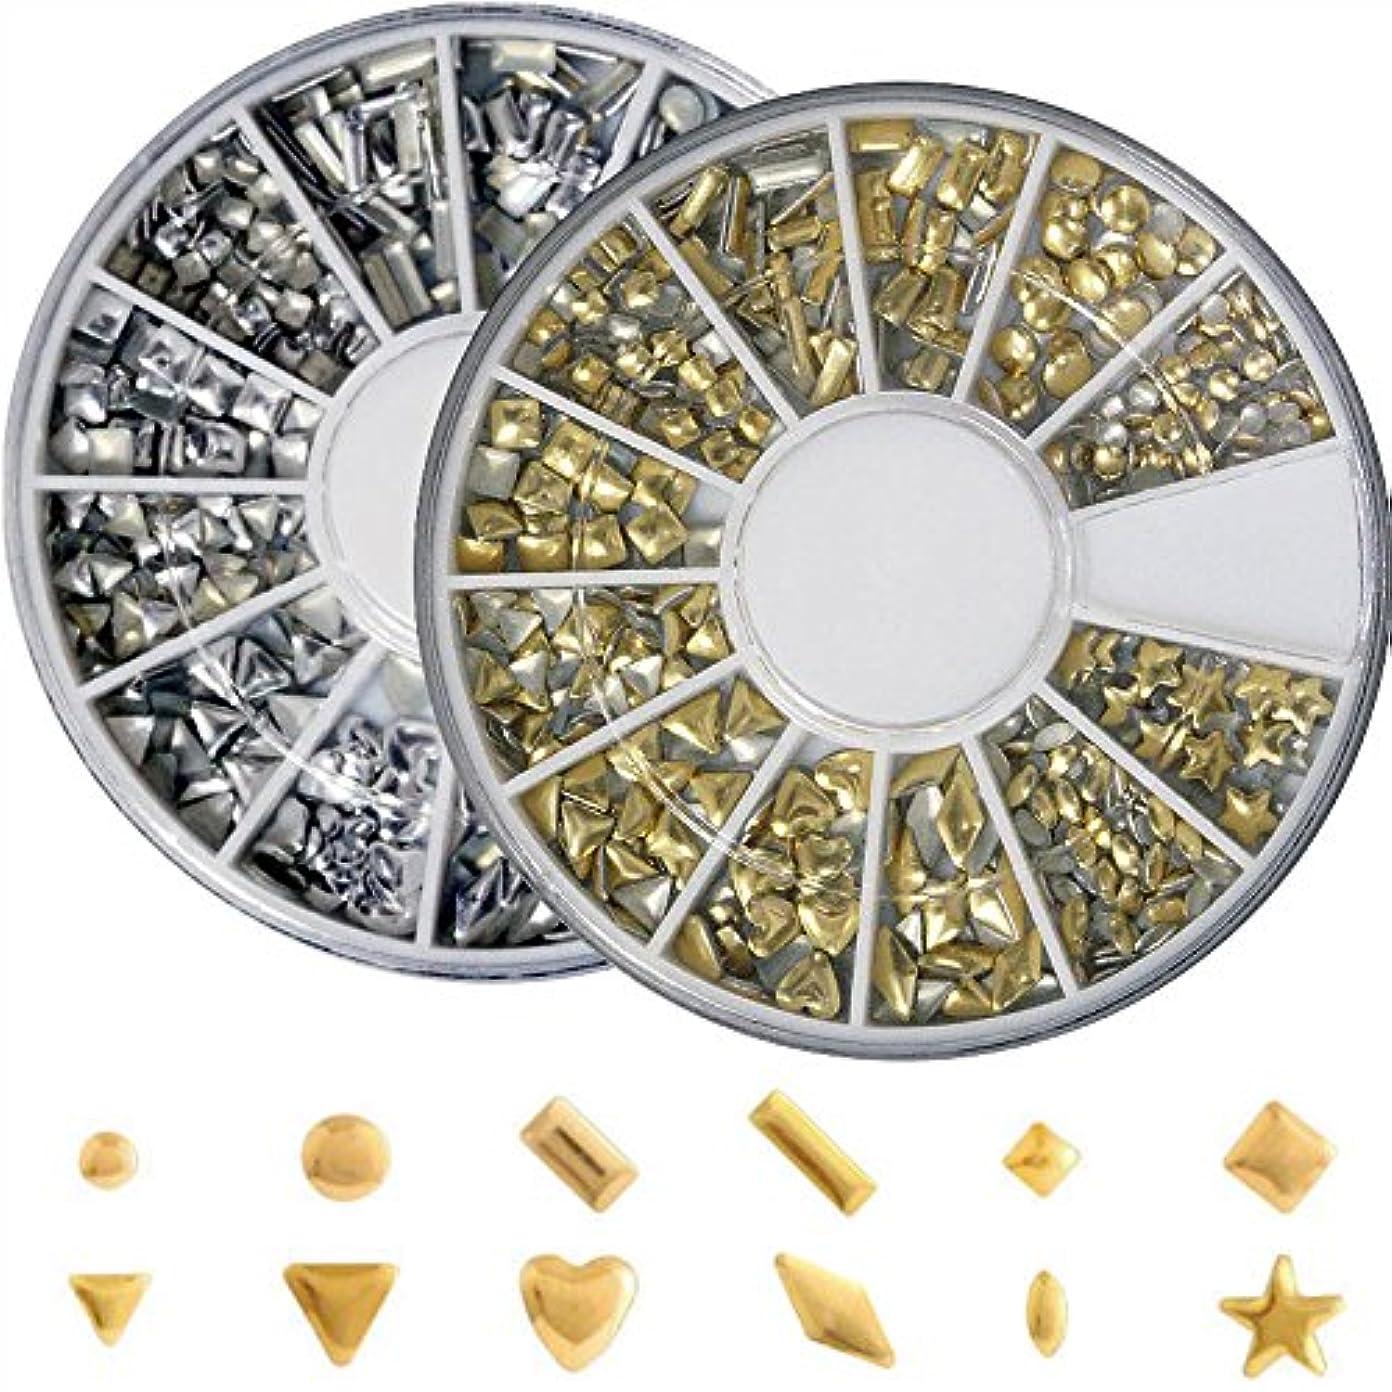 織る自分のためにクラブメタルスタッズ12種類 ネイル用 ゴールド&シルバー ラウンドケース入2個/セット